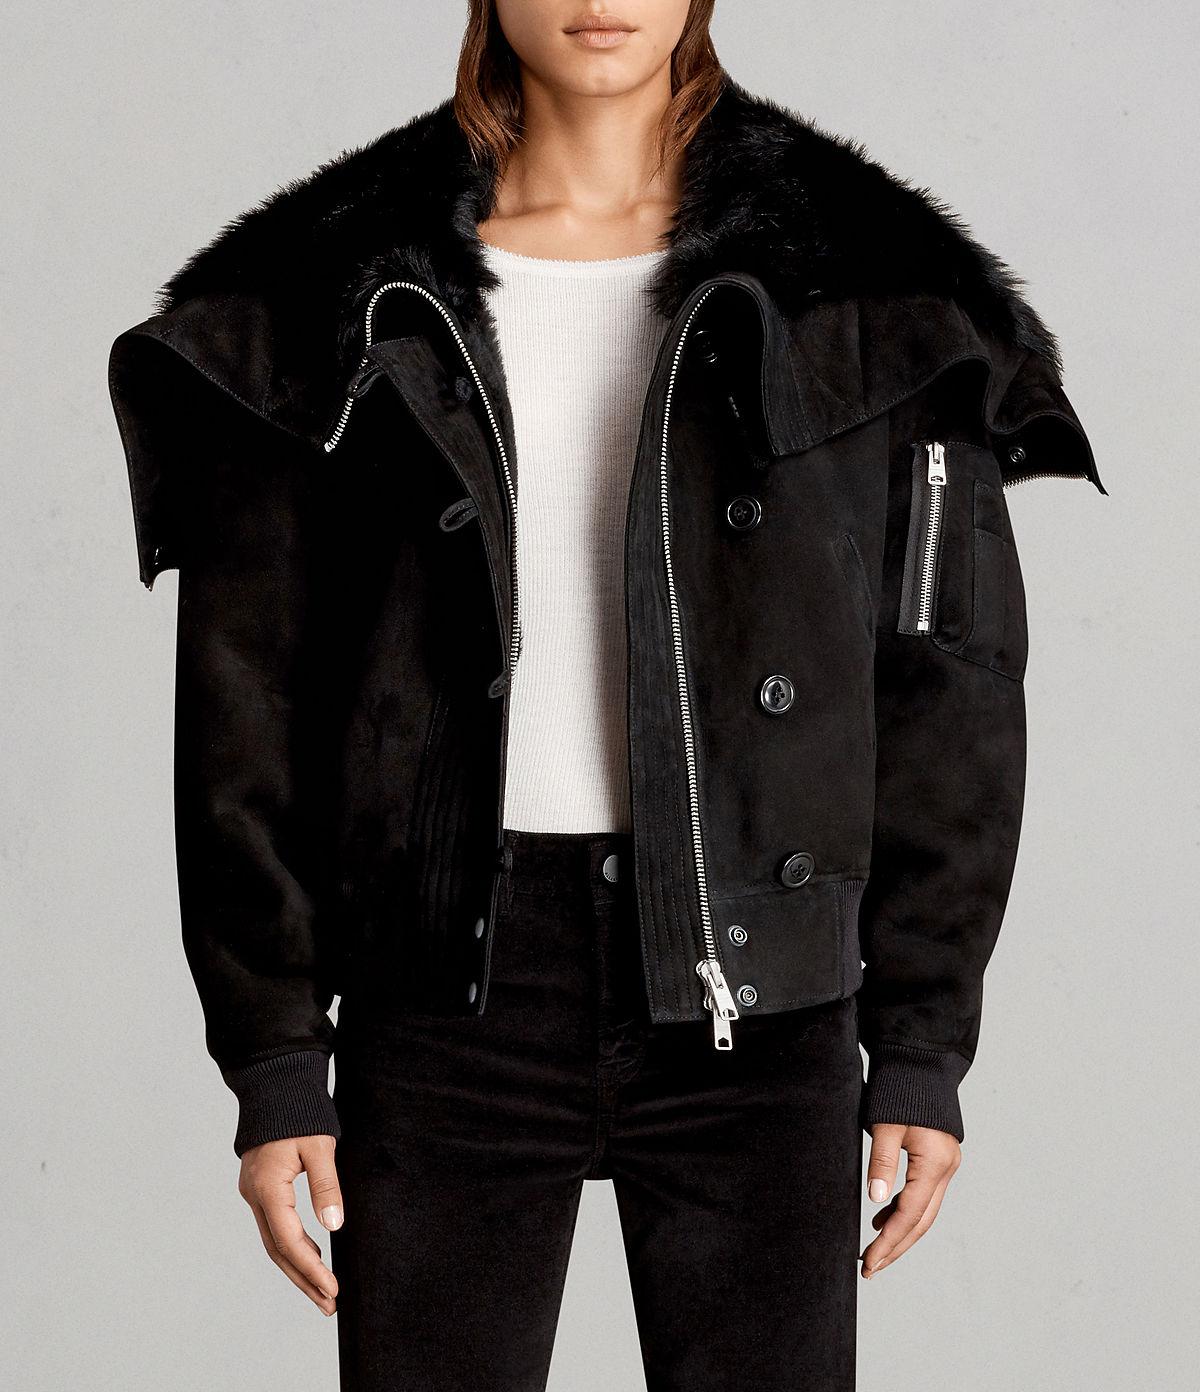 trux-bomber-jacket